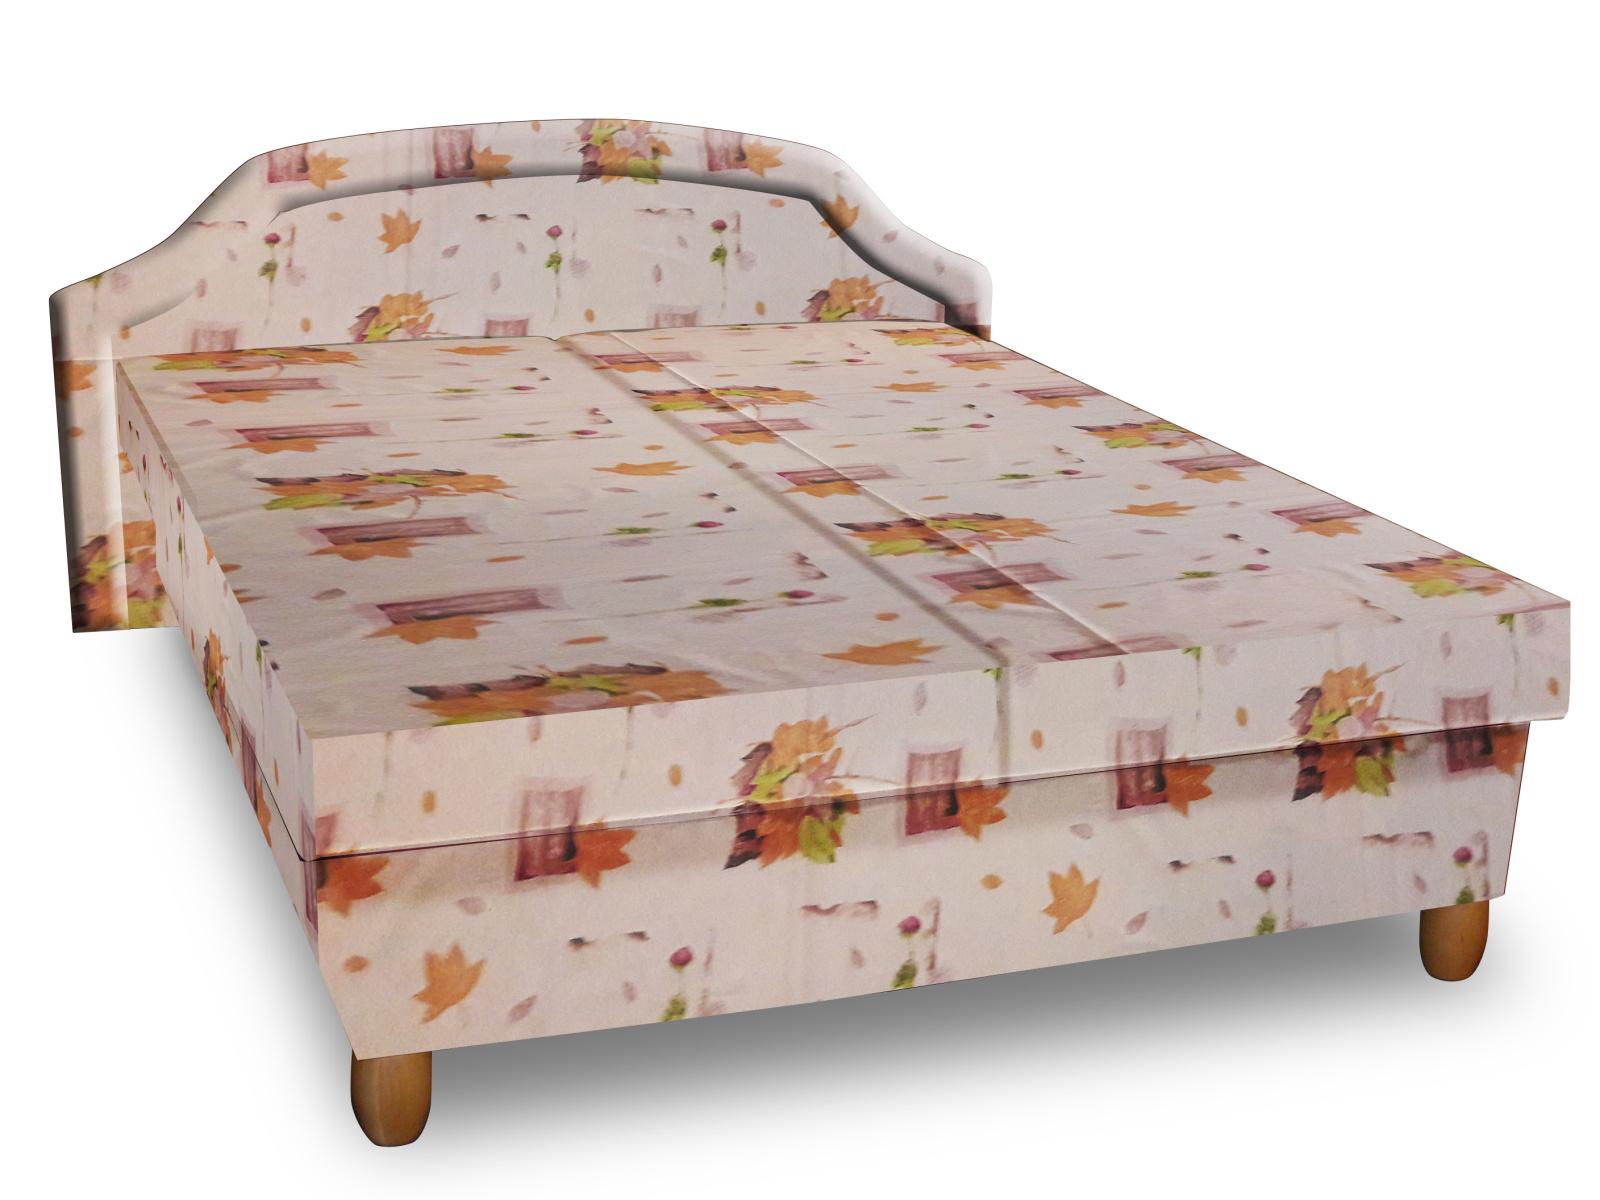 Smartshop Čalouněná postel KARINA 180x200 cm, béžová látka